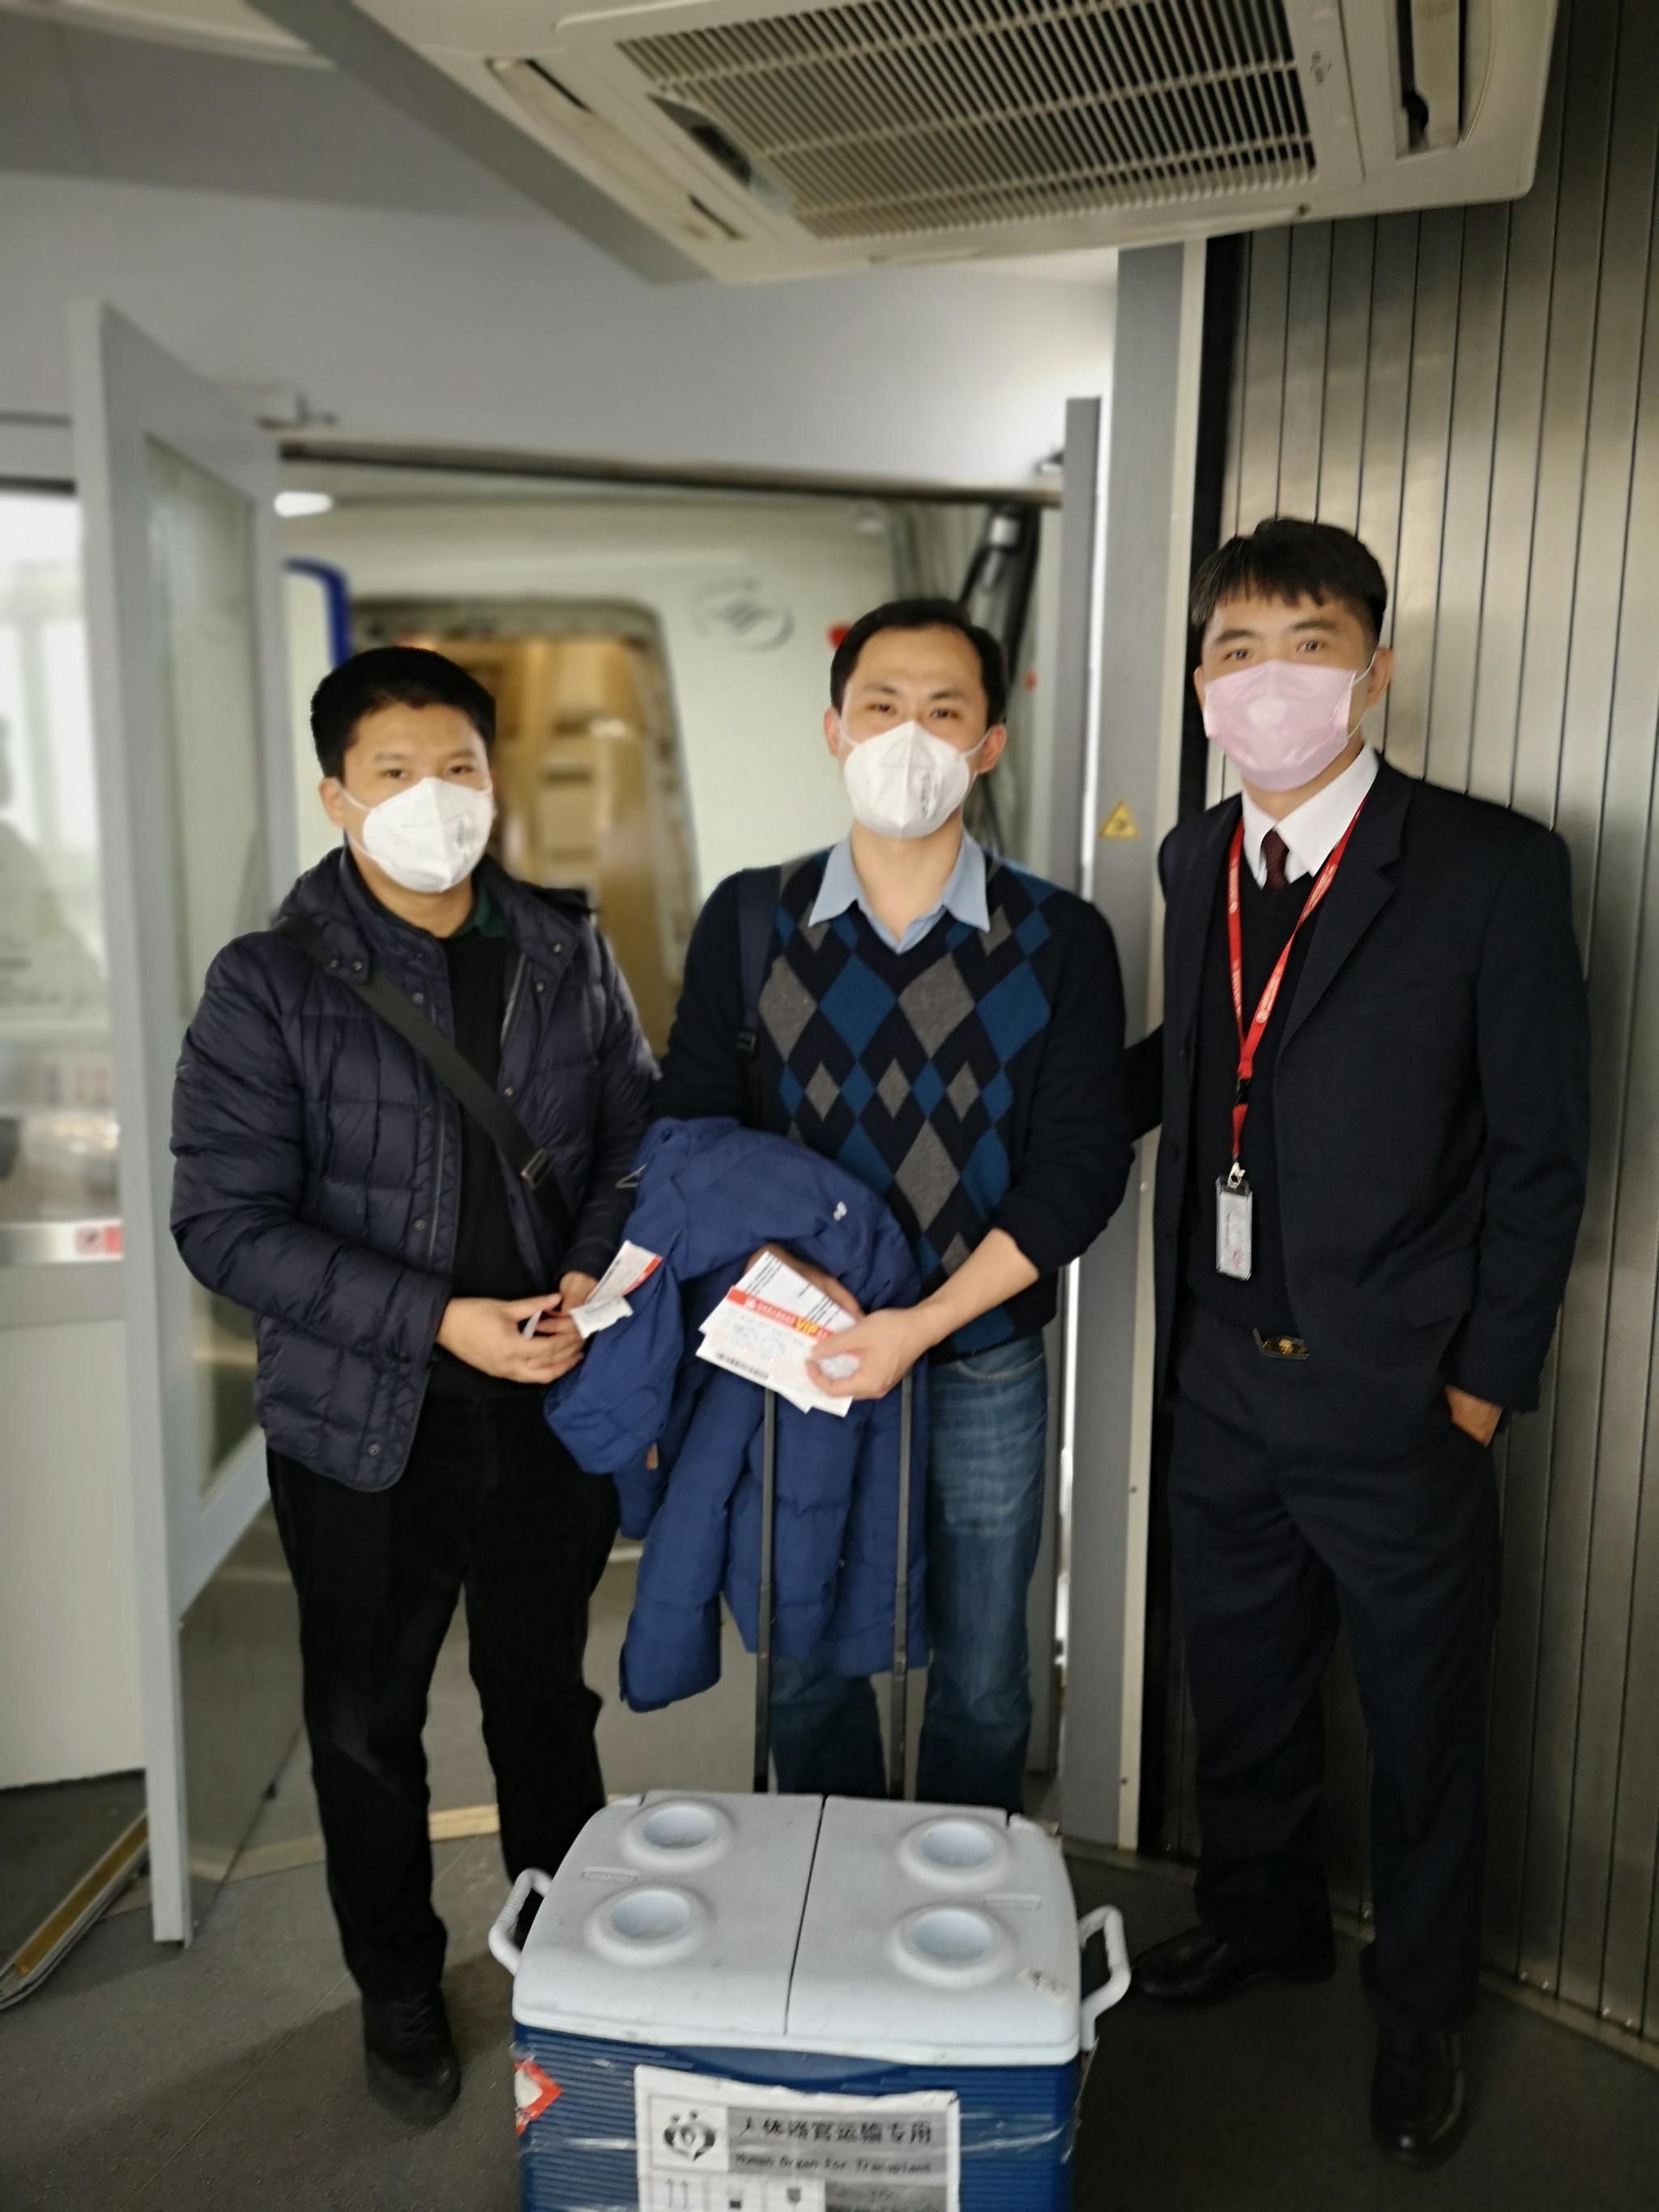 活体肺源上演空中接力 空运至杭州挽救新冠肺炎重症患者图片